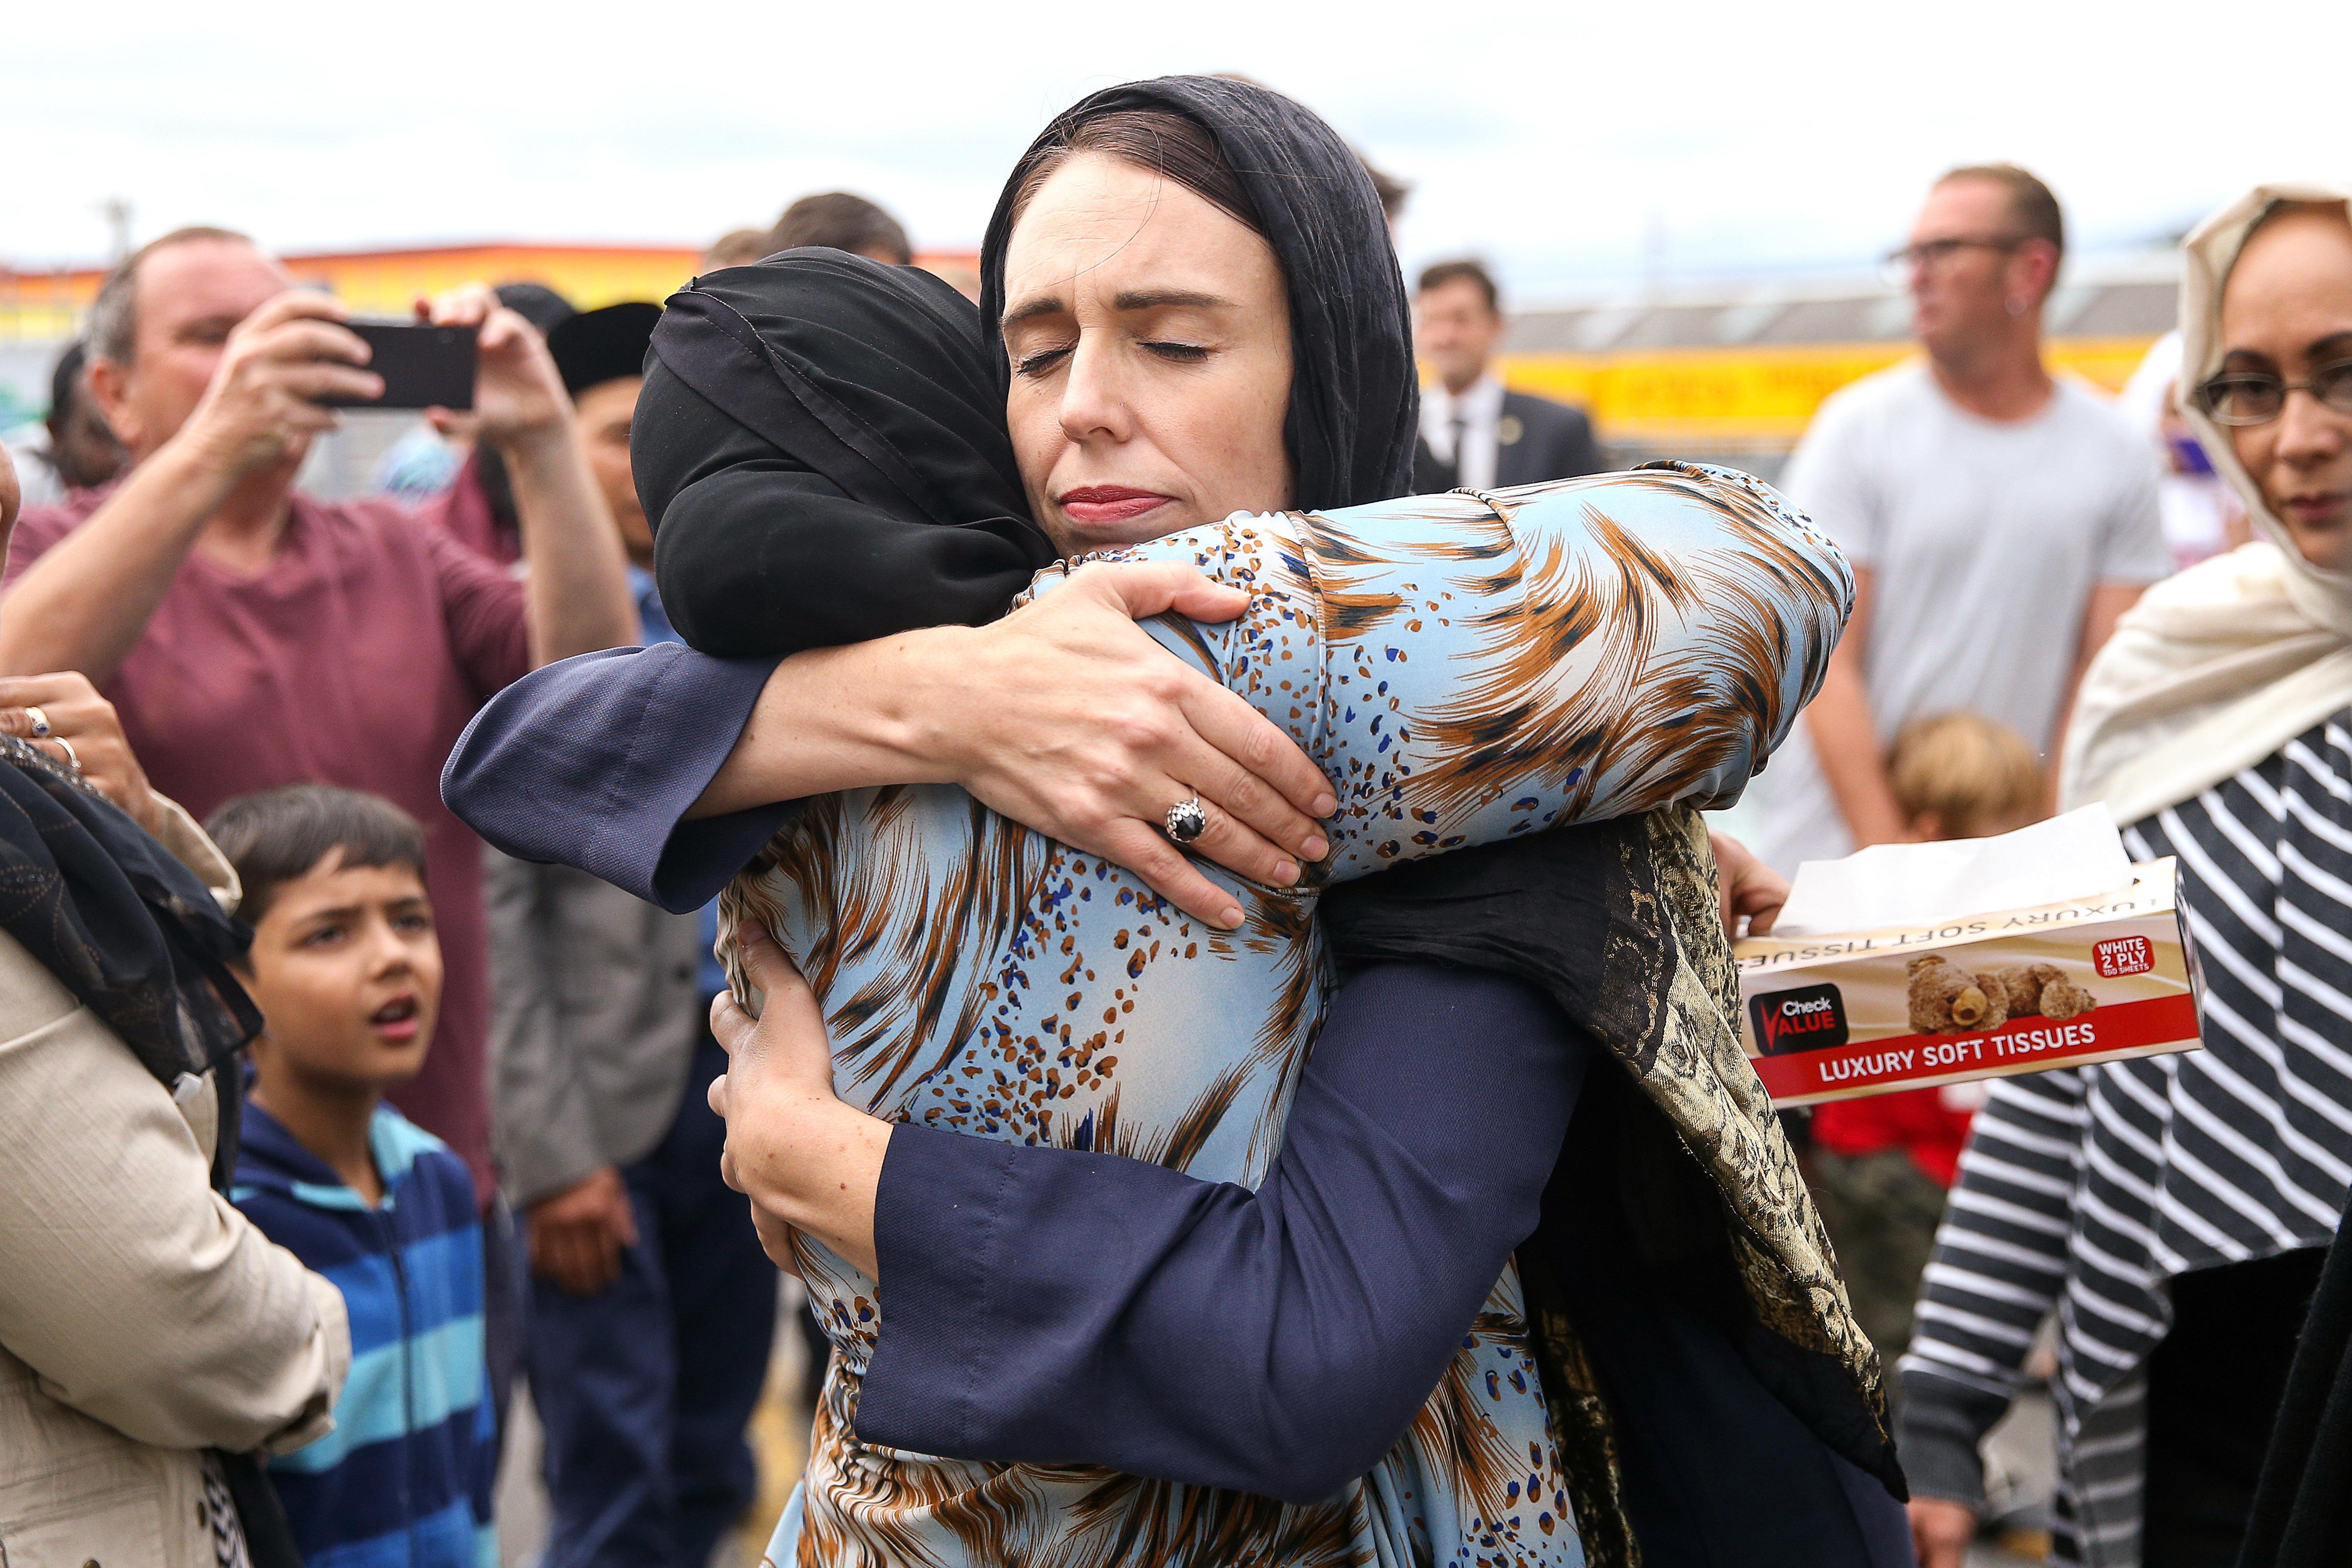 저신다 아던 뉴질랜드 총리의 테러 대응 리더십에 찬사가 쏟아지고